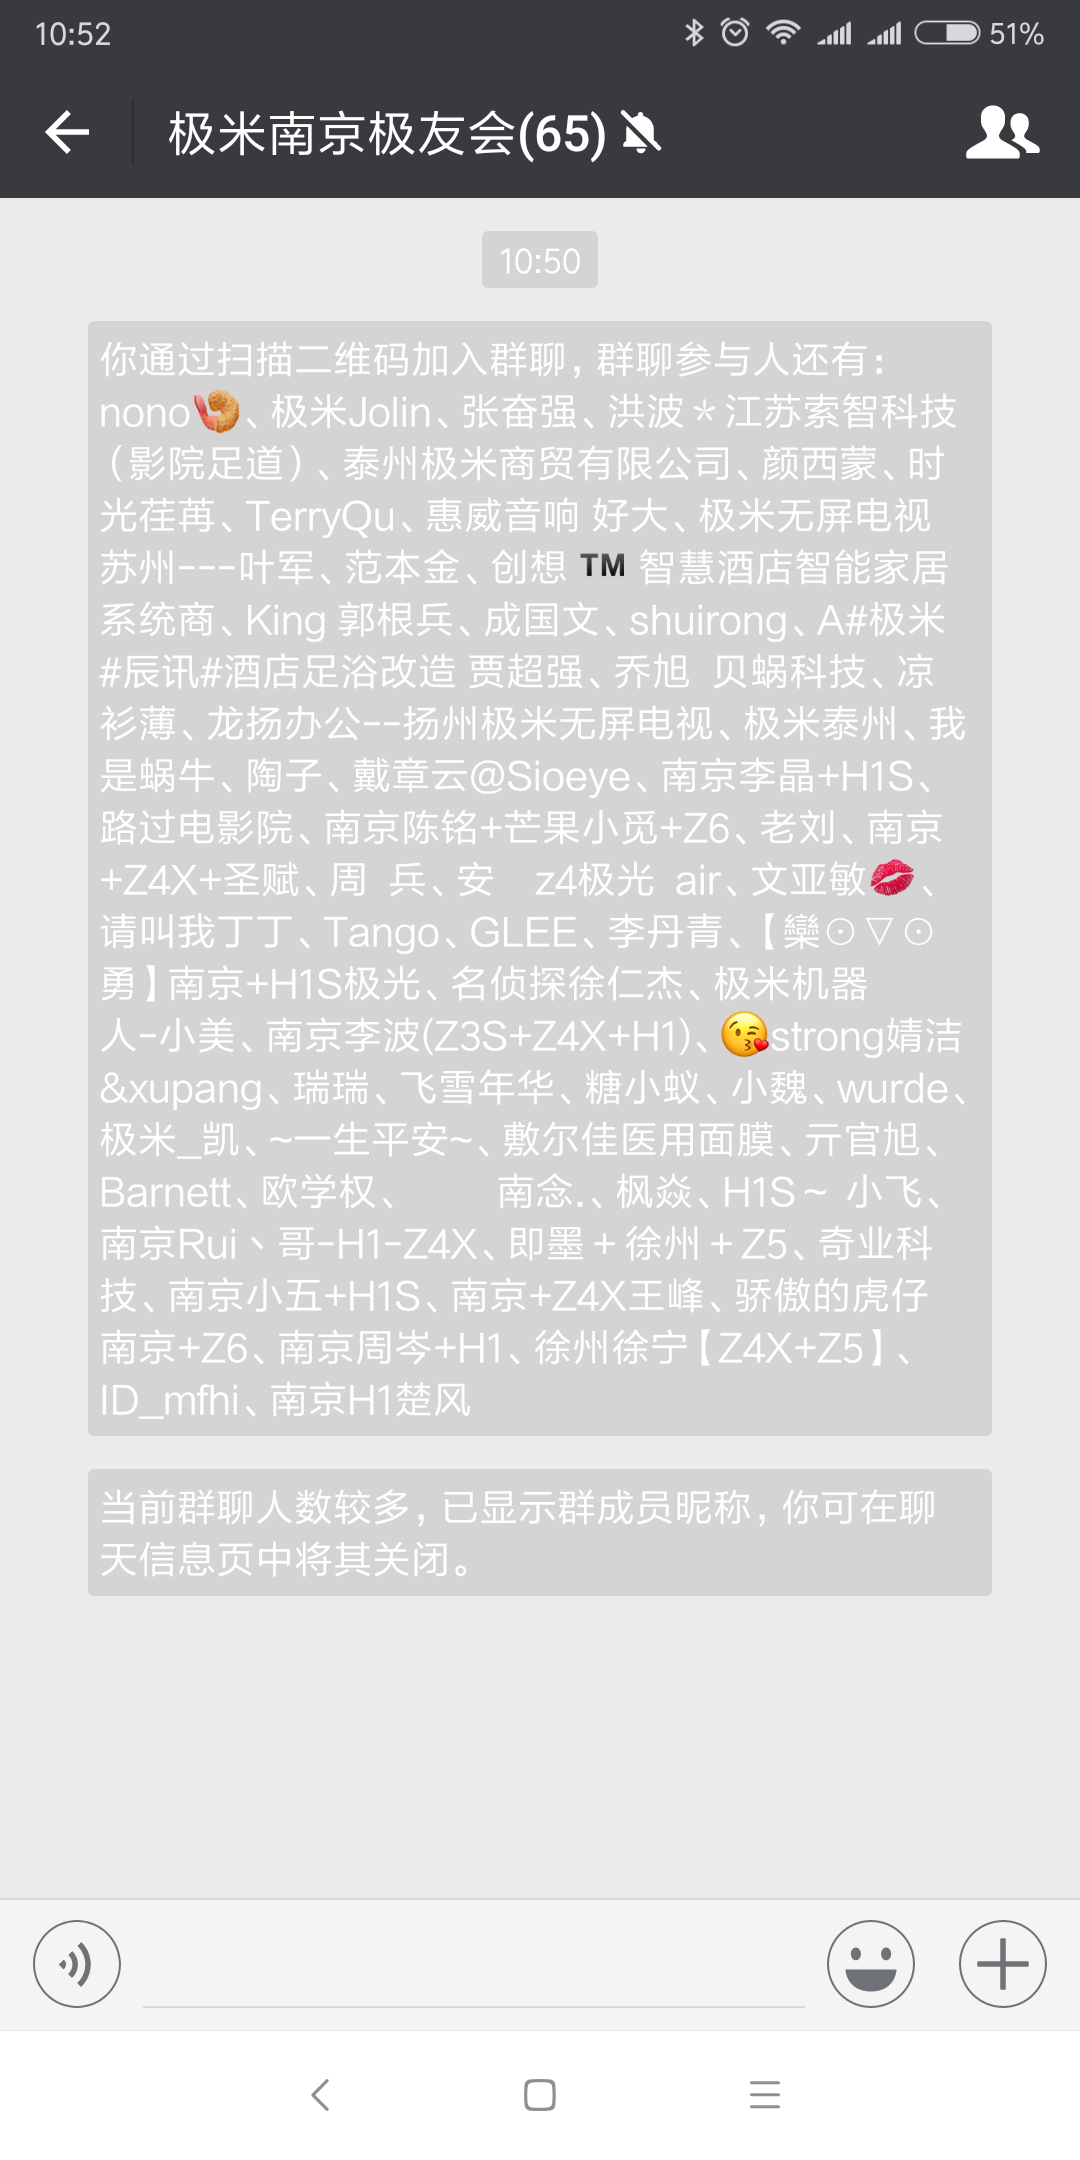 Screenshot_2018-05-09-10-52-38-318_com.tencent.mm.png